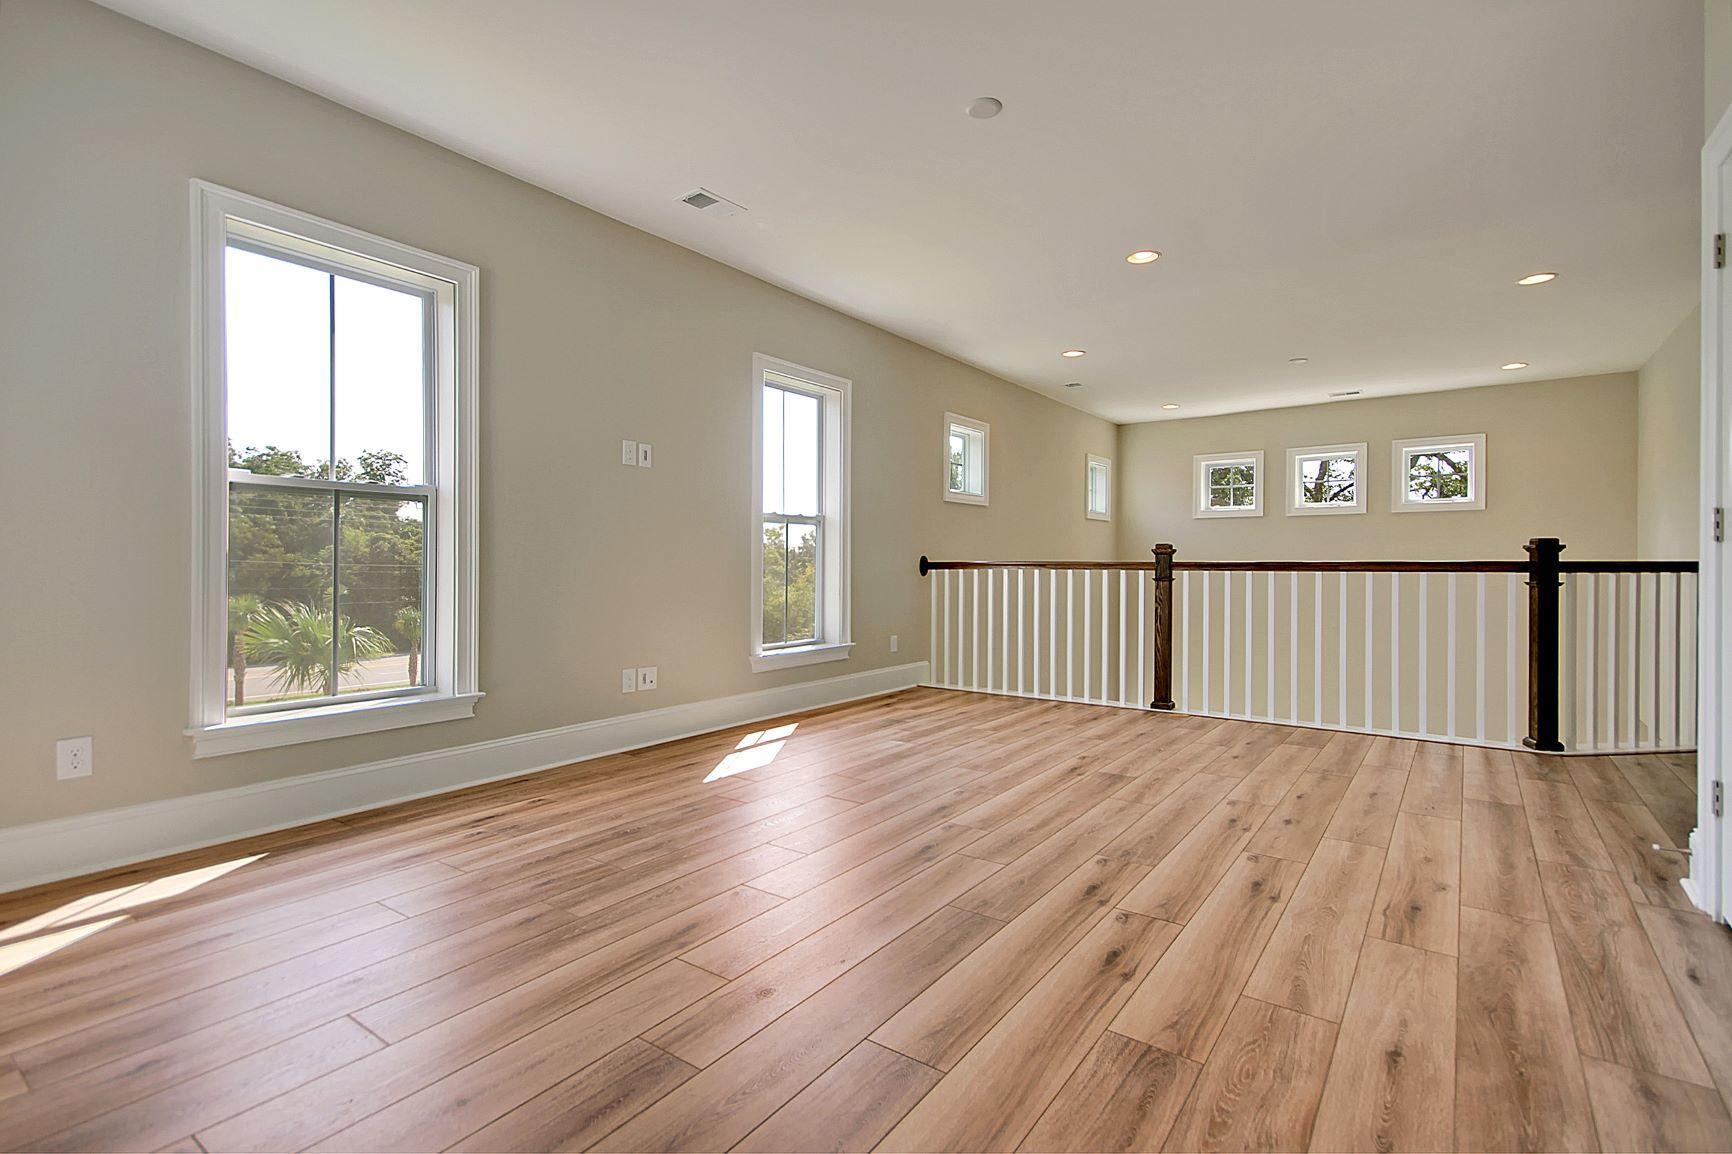 Kings Flats Homes For Sale - 121 Alder, Charleston, SC - 36